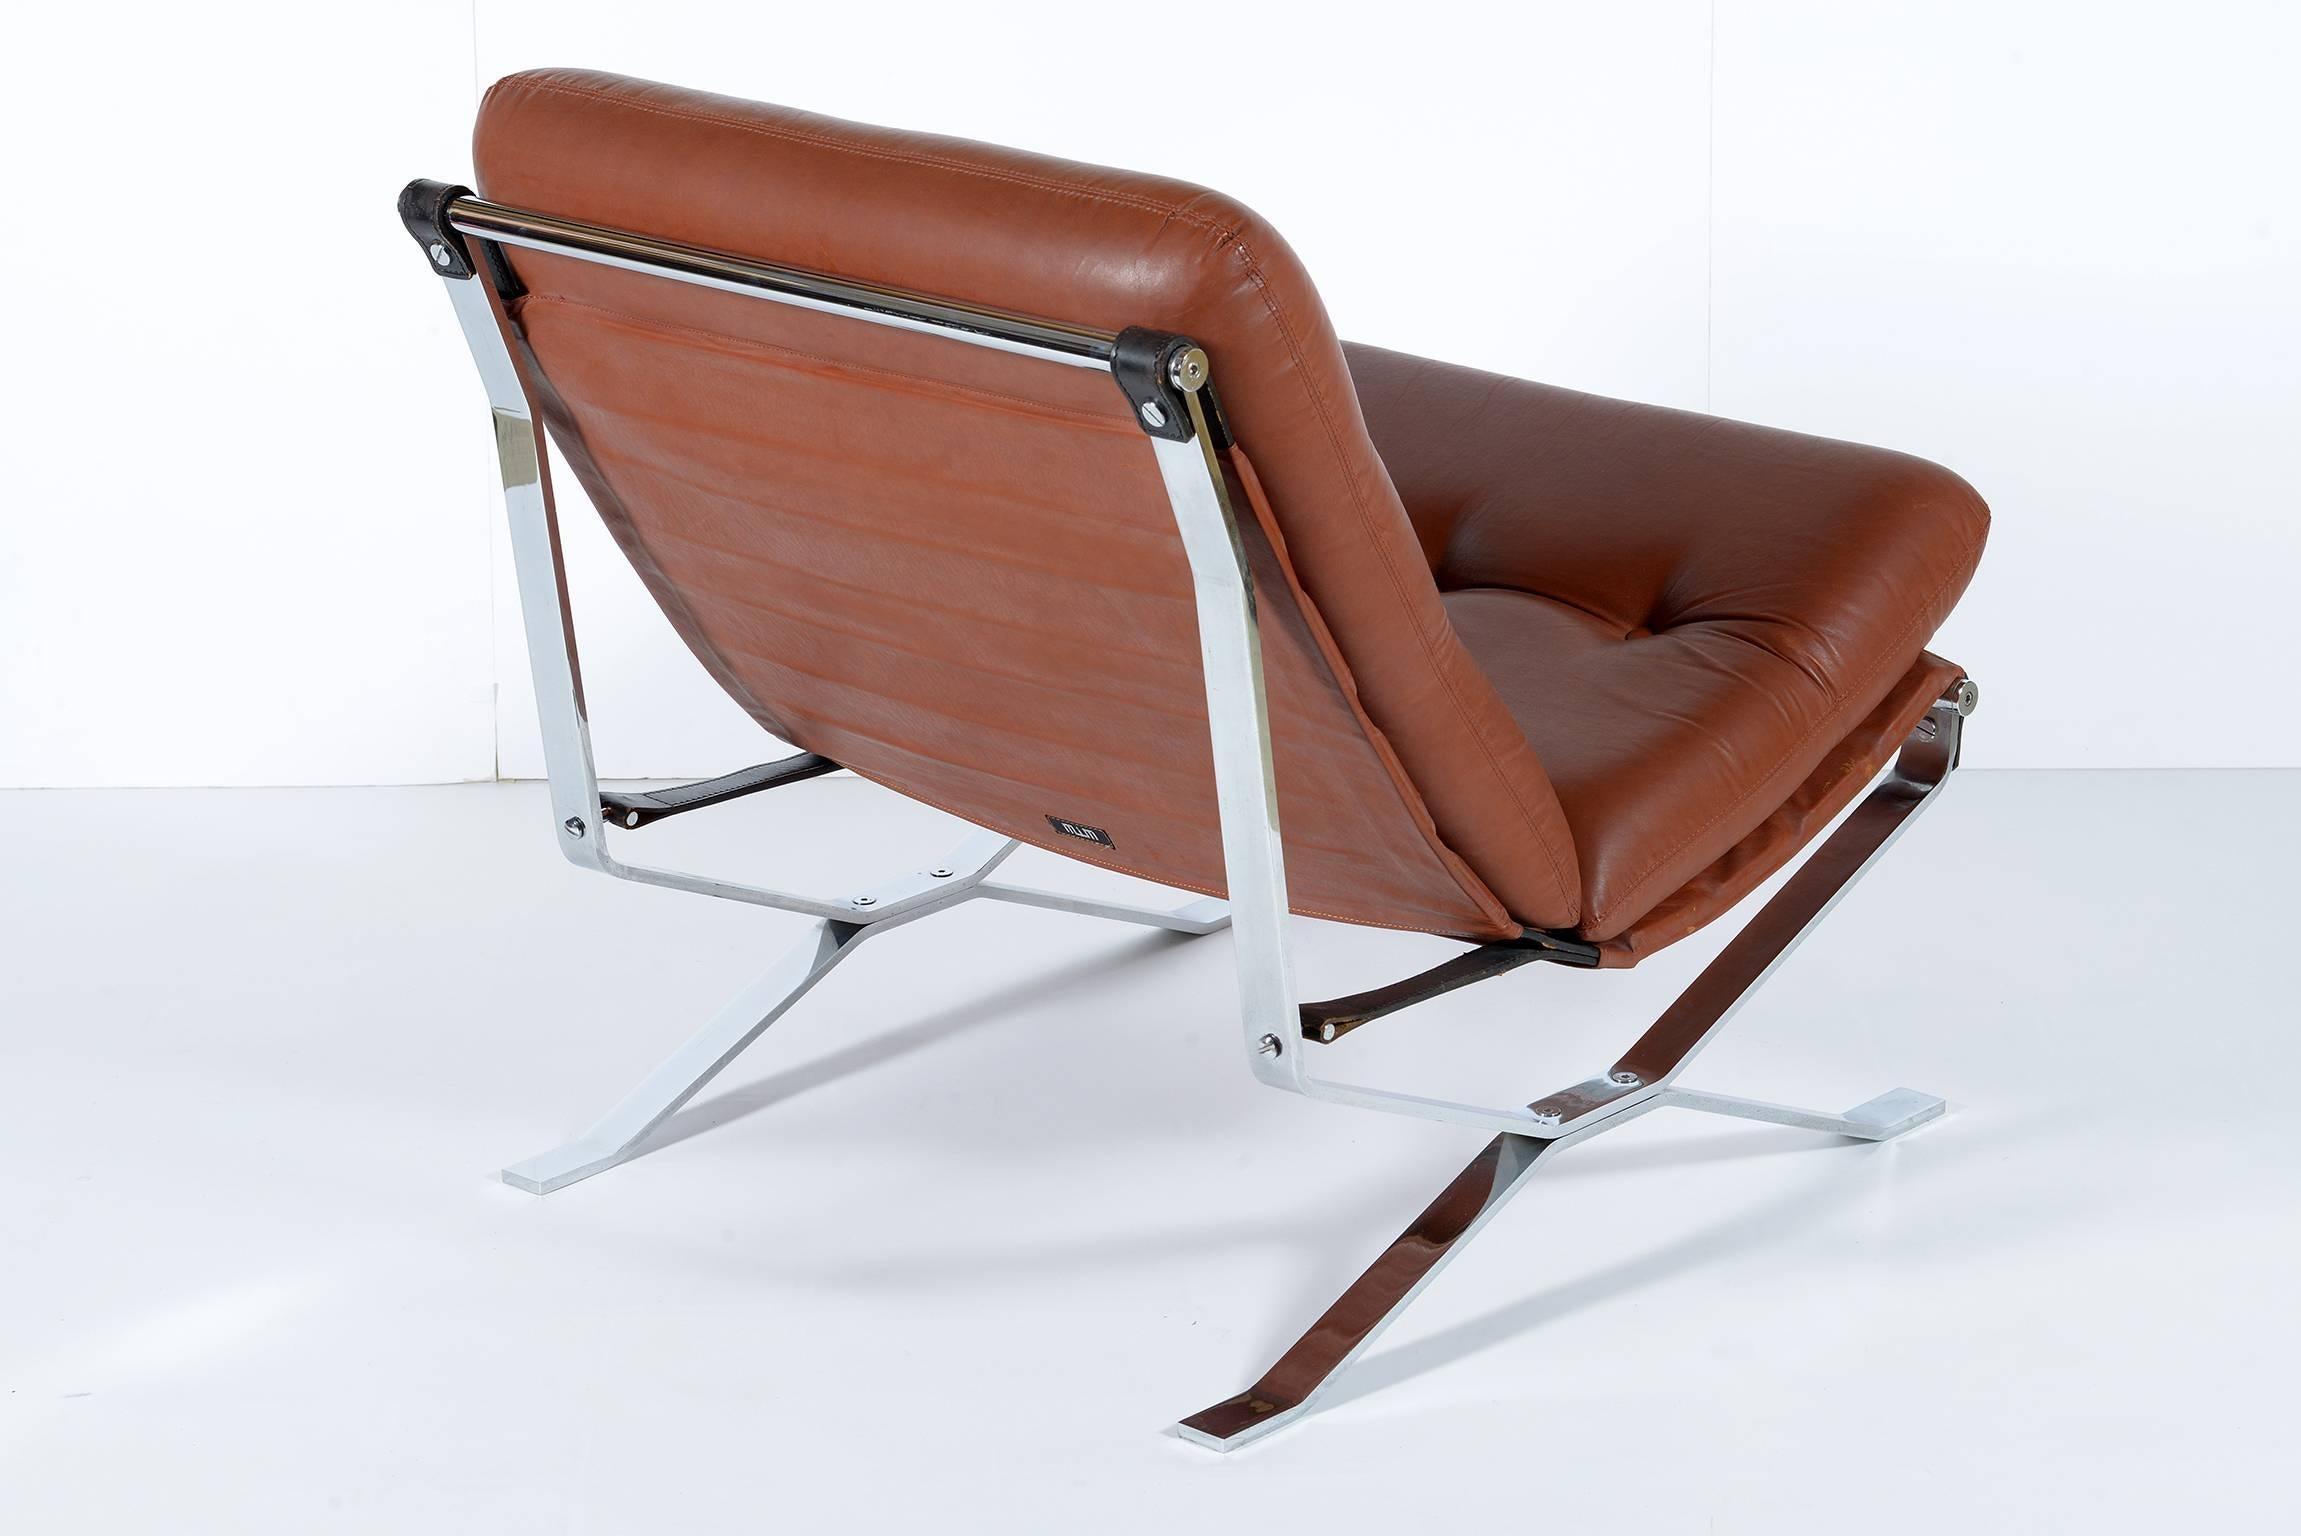 Mobili Italiani Moderni : Lago arredamento design mobili italiani moderno immagini di negozi